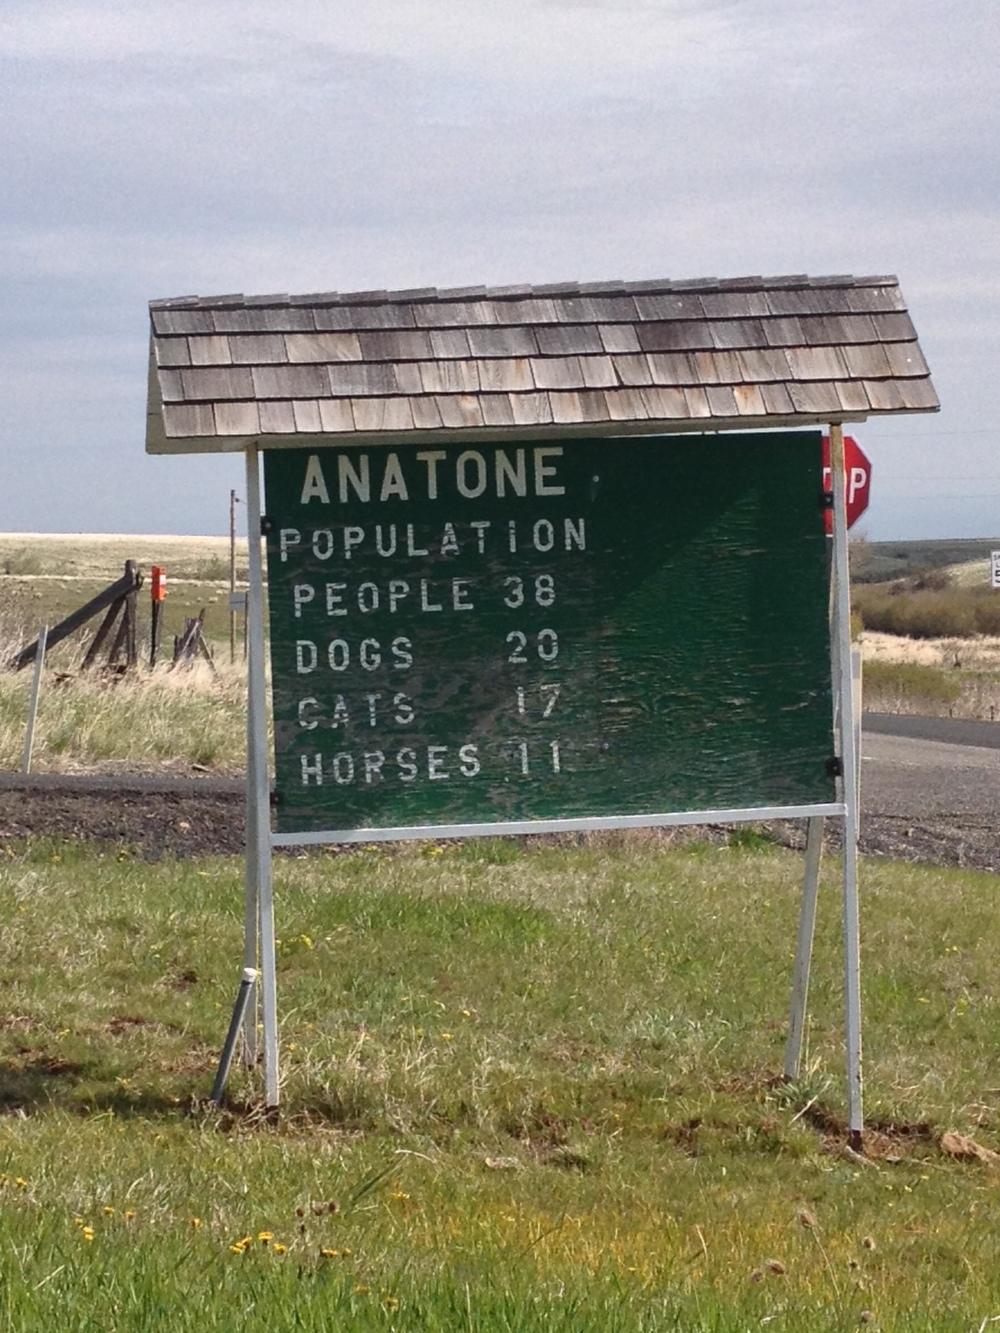 Town of Anatone, WA